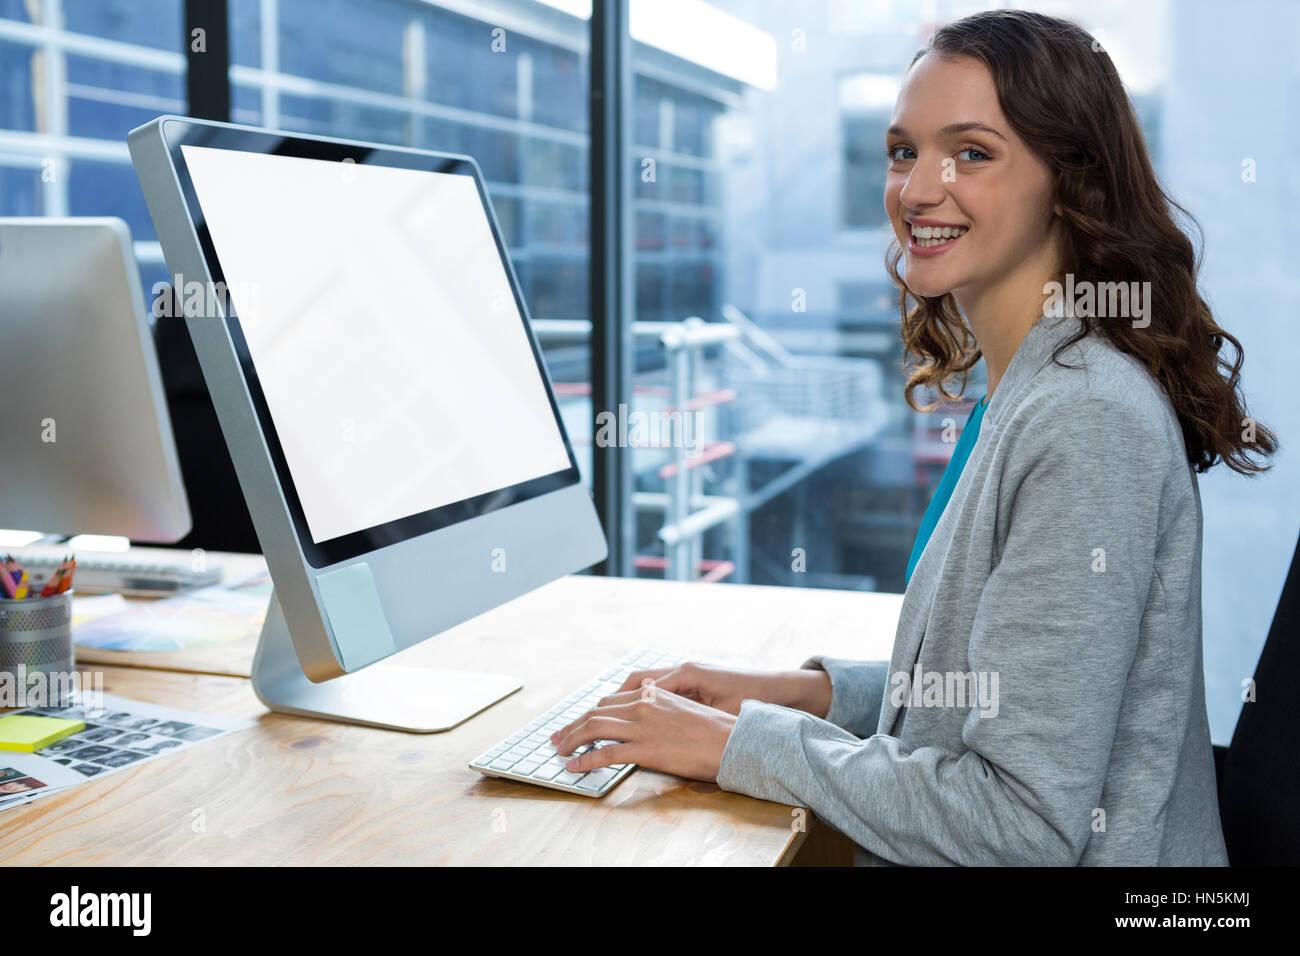 Porträt von weiblichen Grafik Designer arbeiten über Computer am Schreibtisch im Büro Stockbild